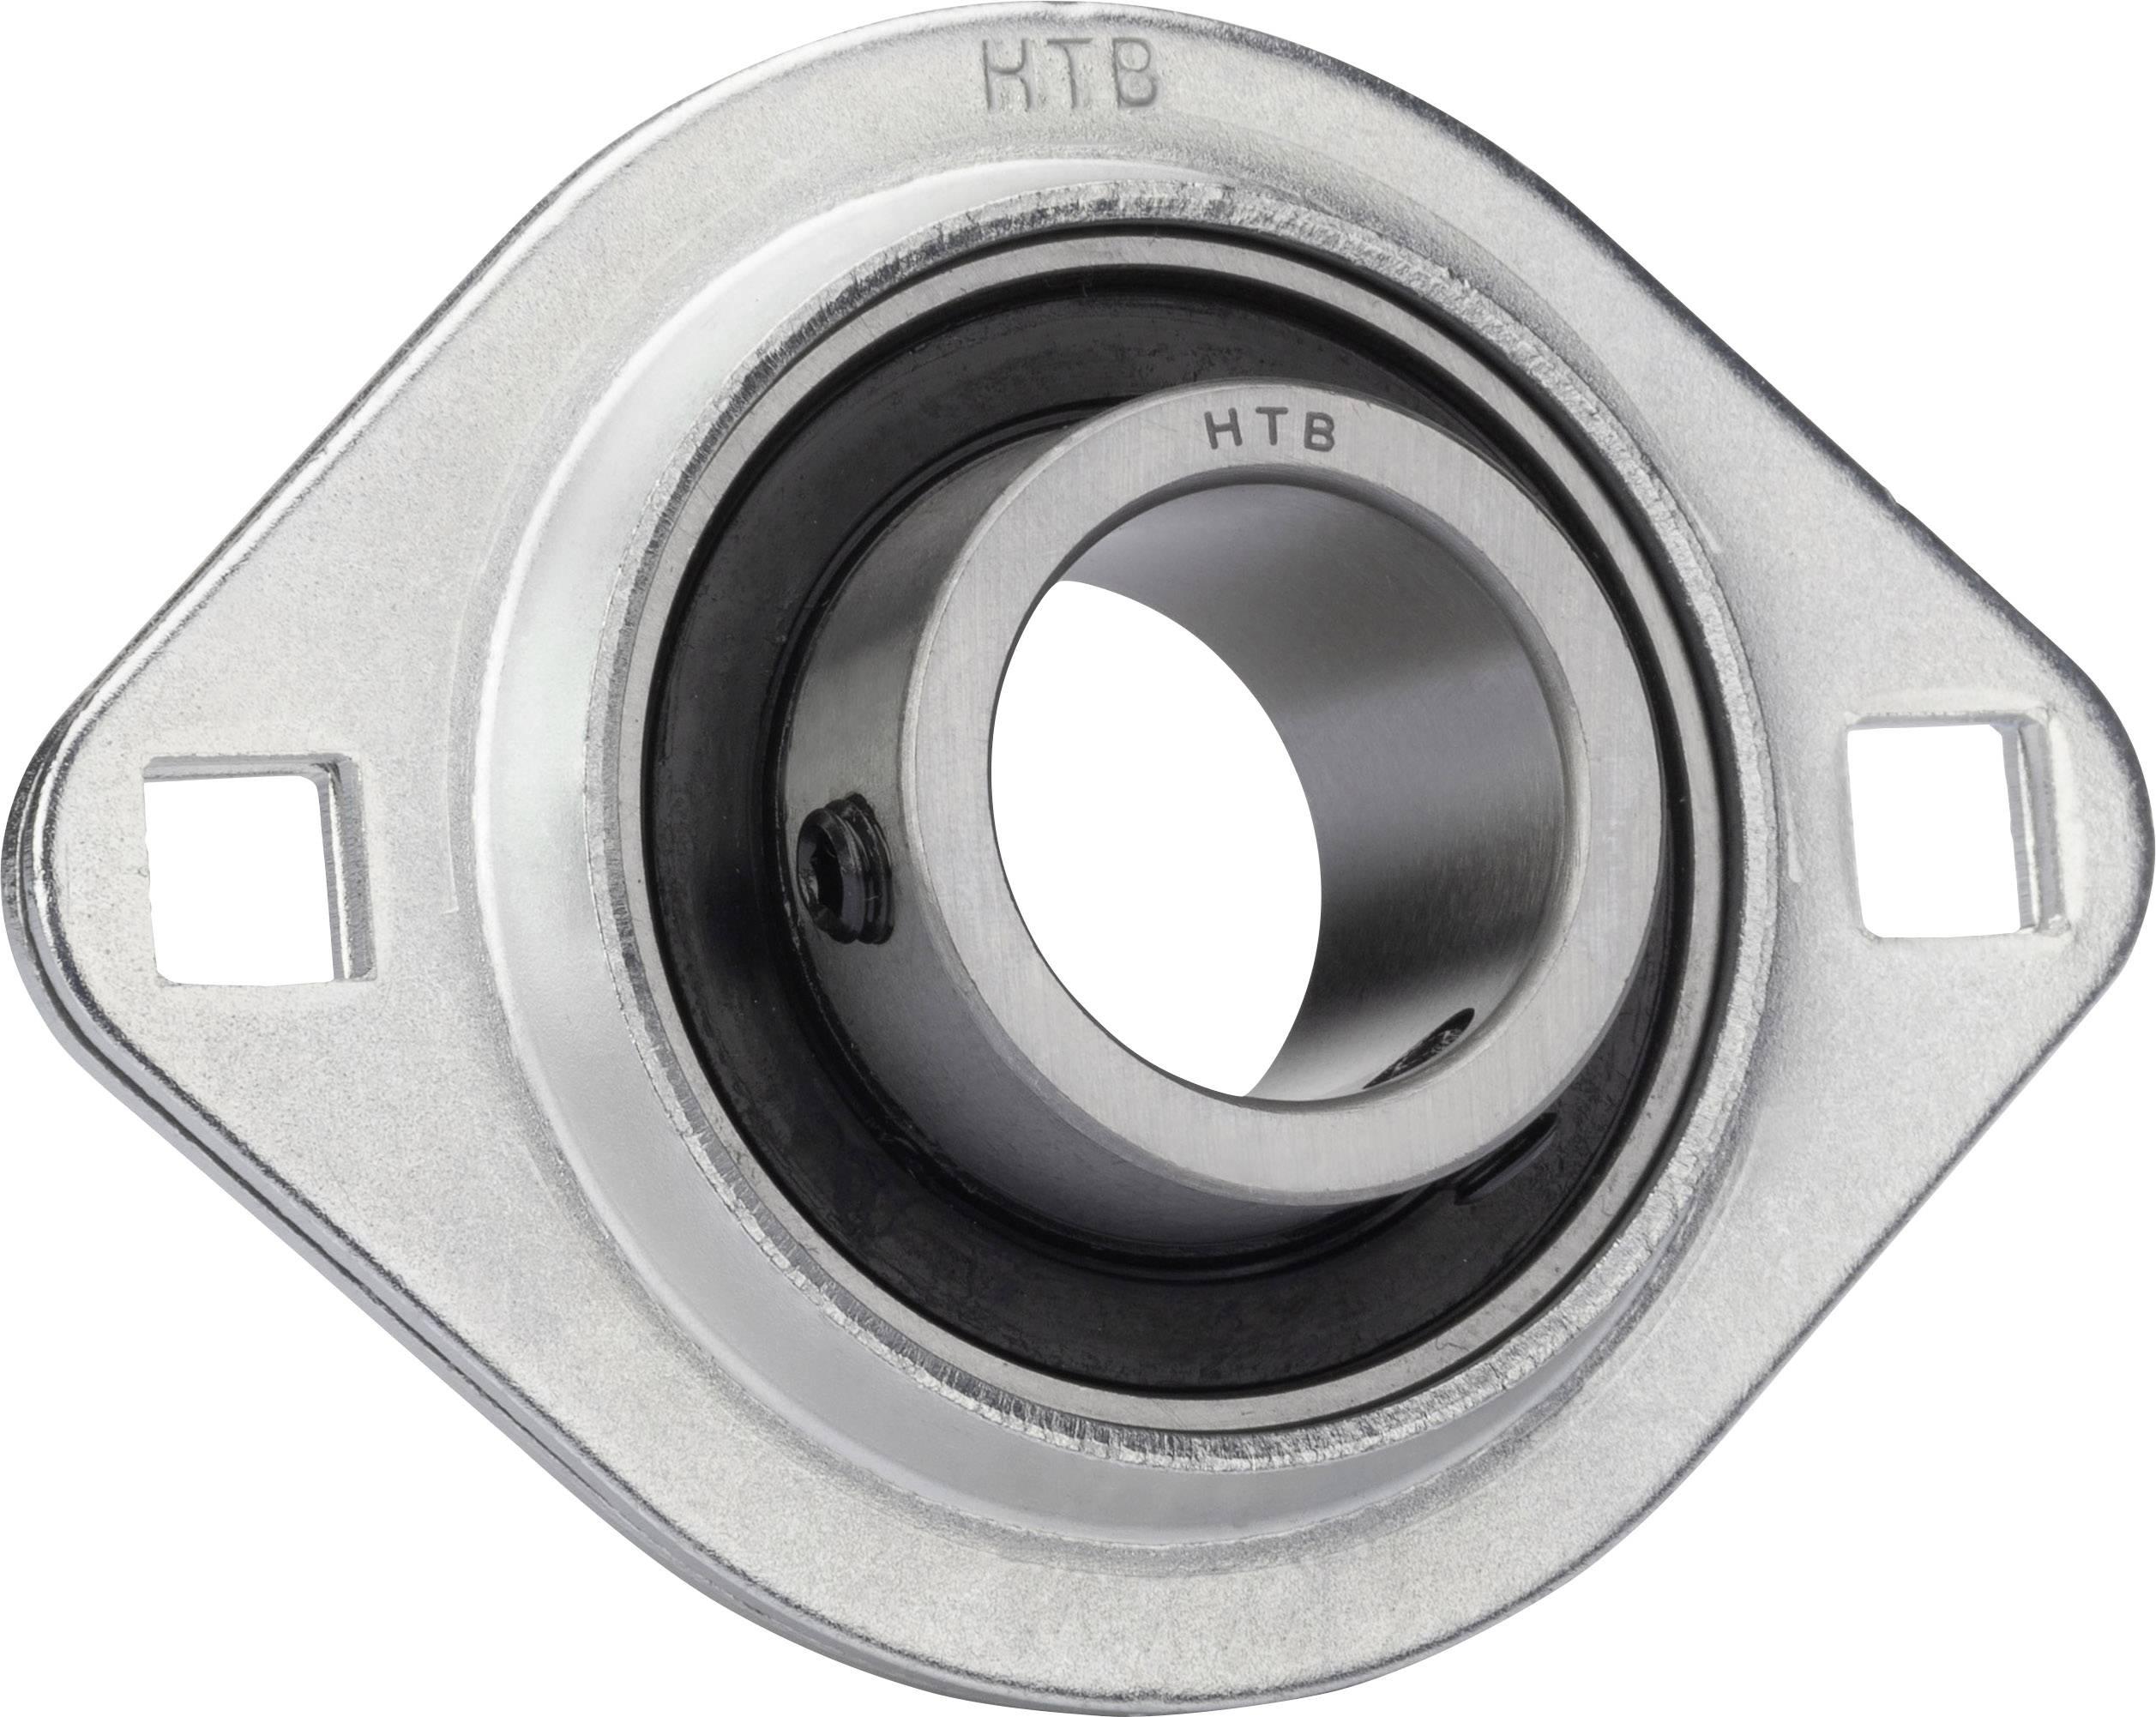 Prírubové ložisko HTB SBPFL 206, Ø otvoru 30 mm